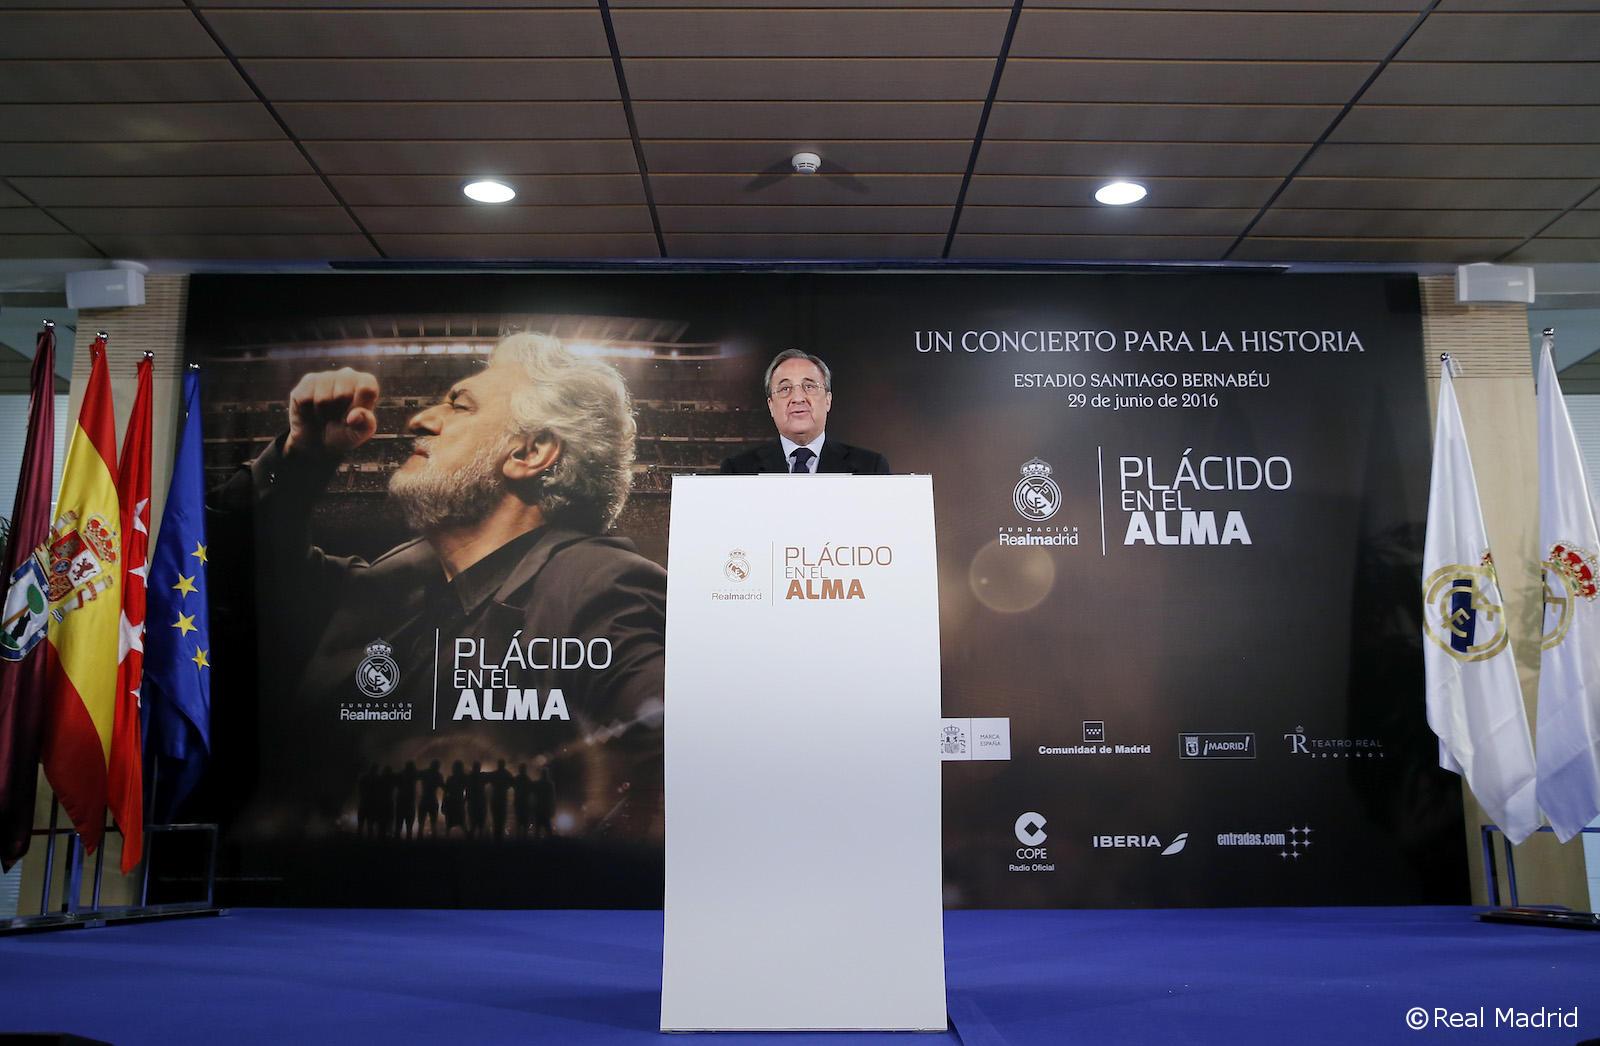 PRESENTACION CONCIERTO PLACIDO EN EL ALMA_1RM1462